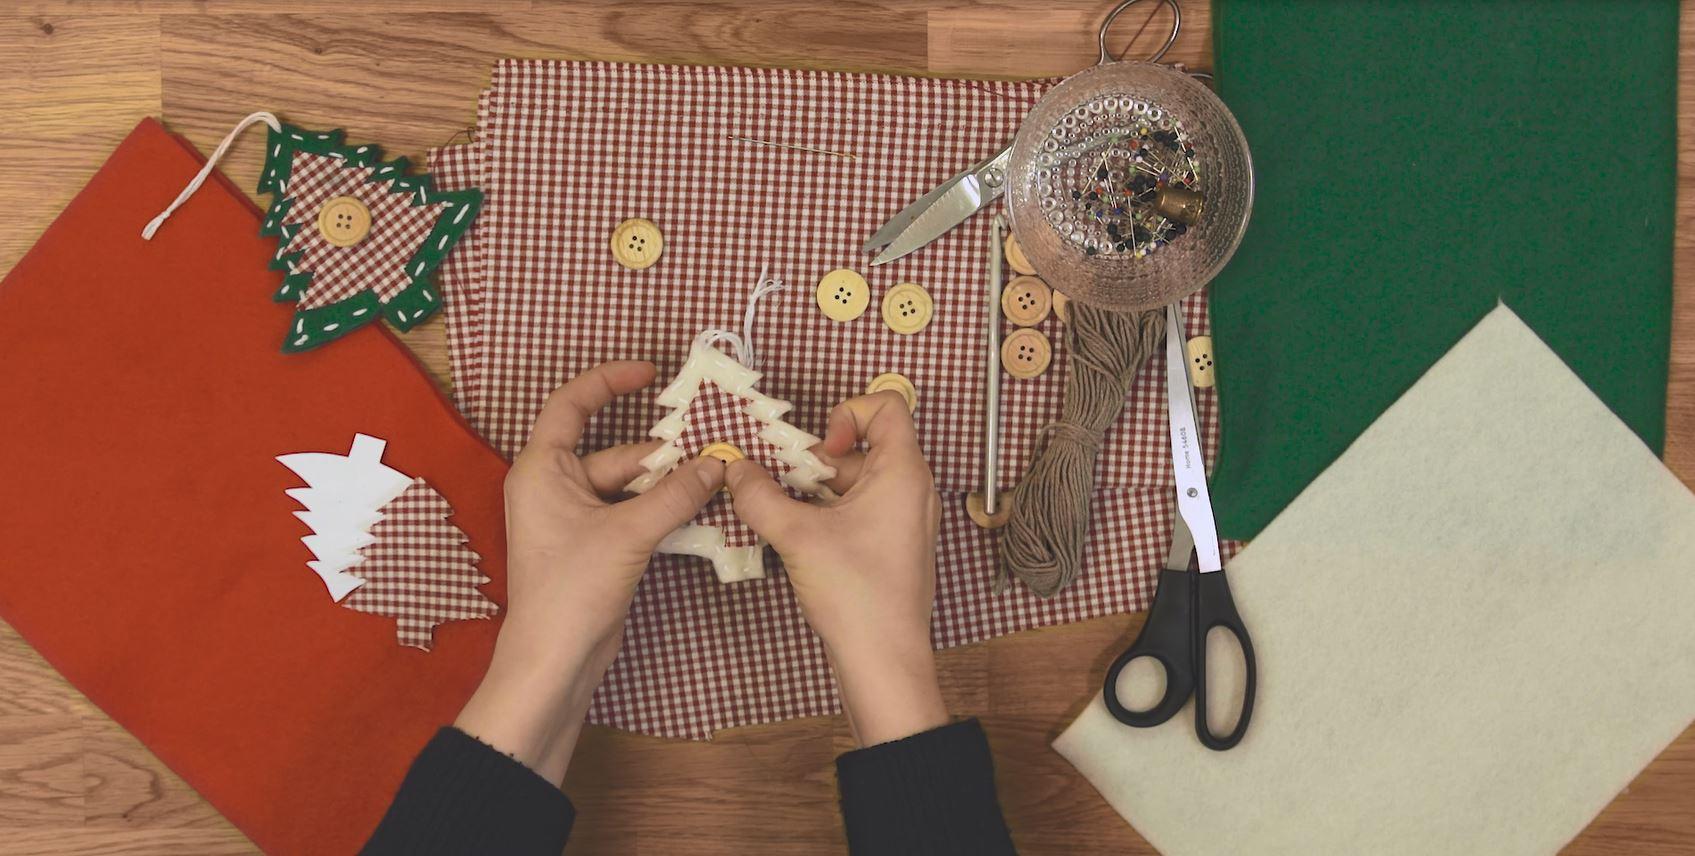 Anjan askeleet jouluun: Ideoita joulupuun koristeluun